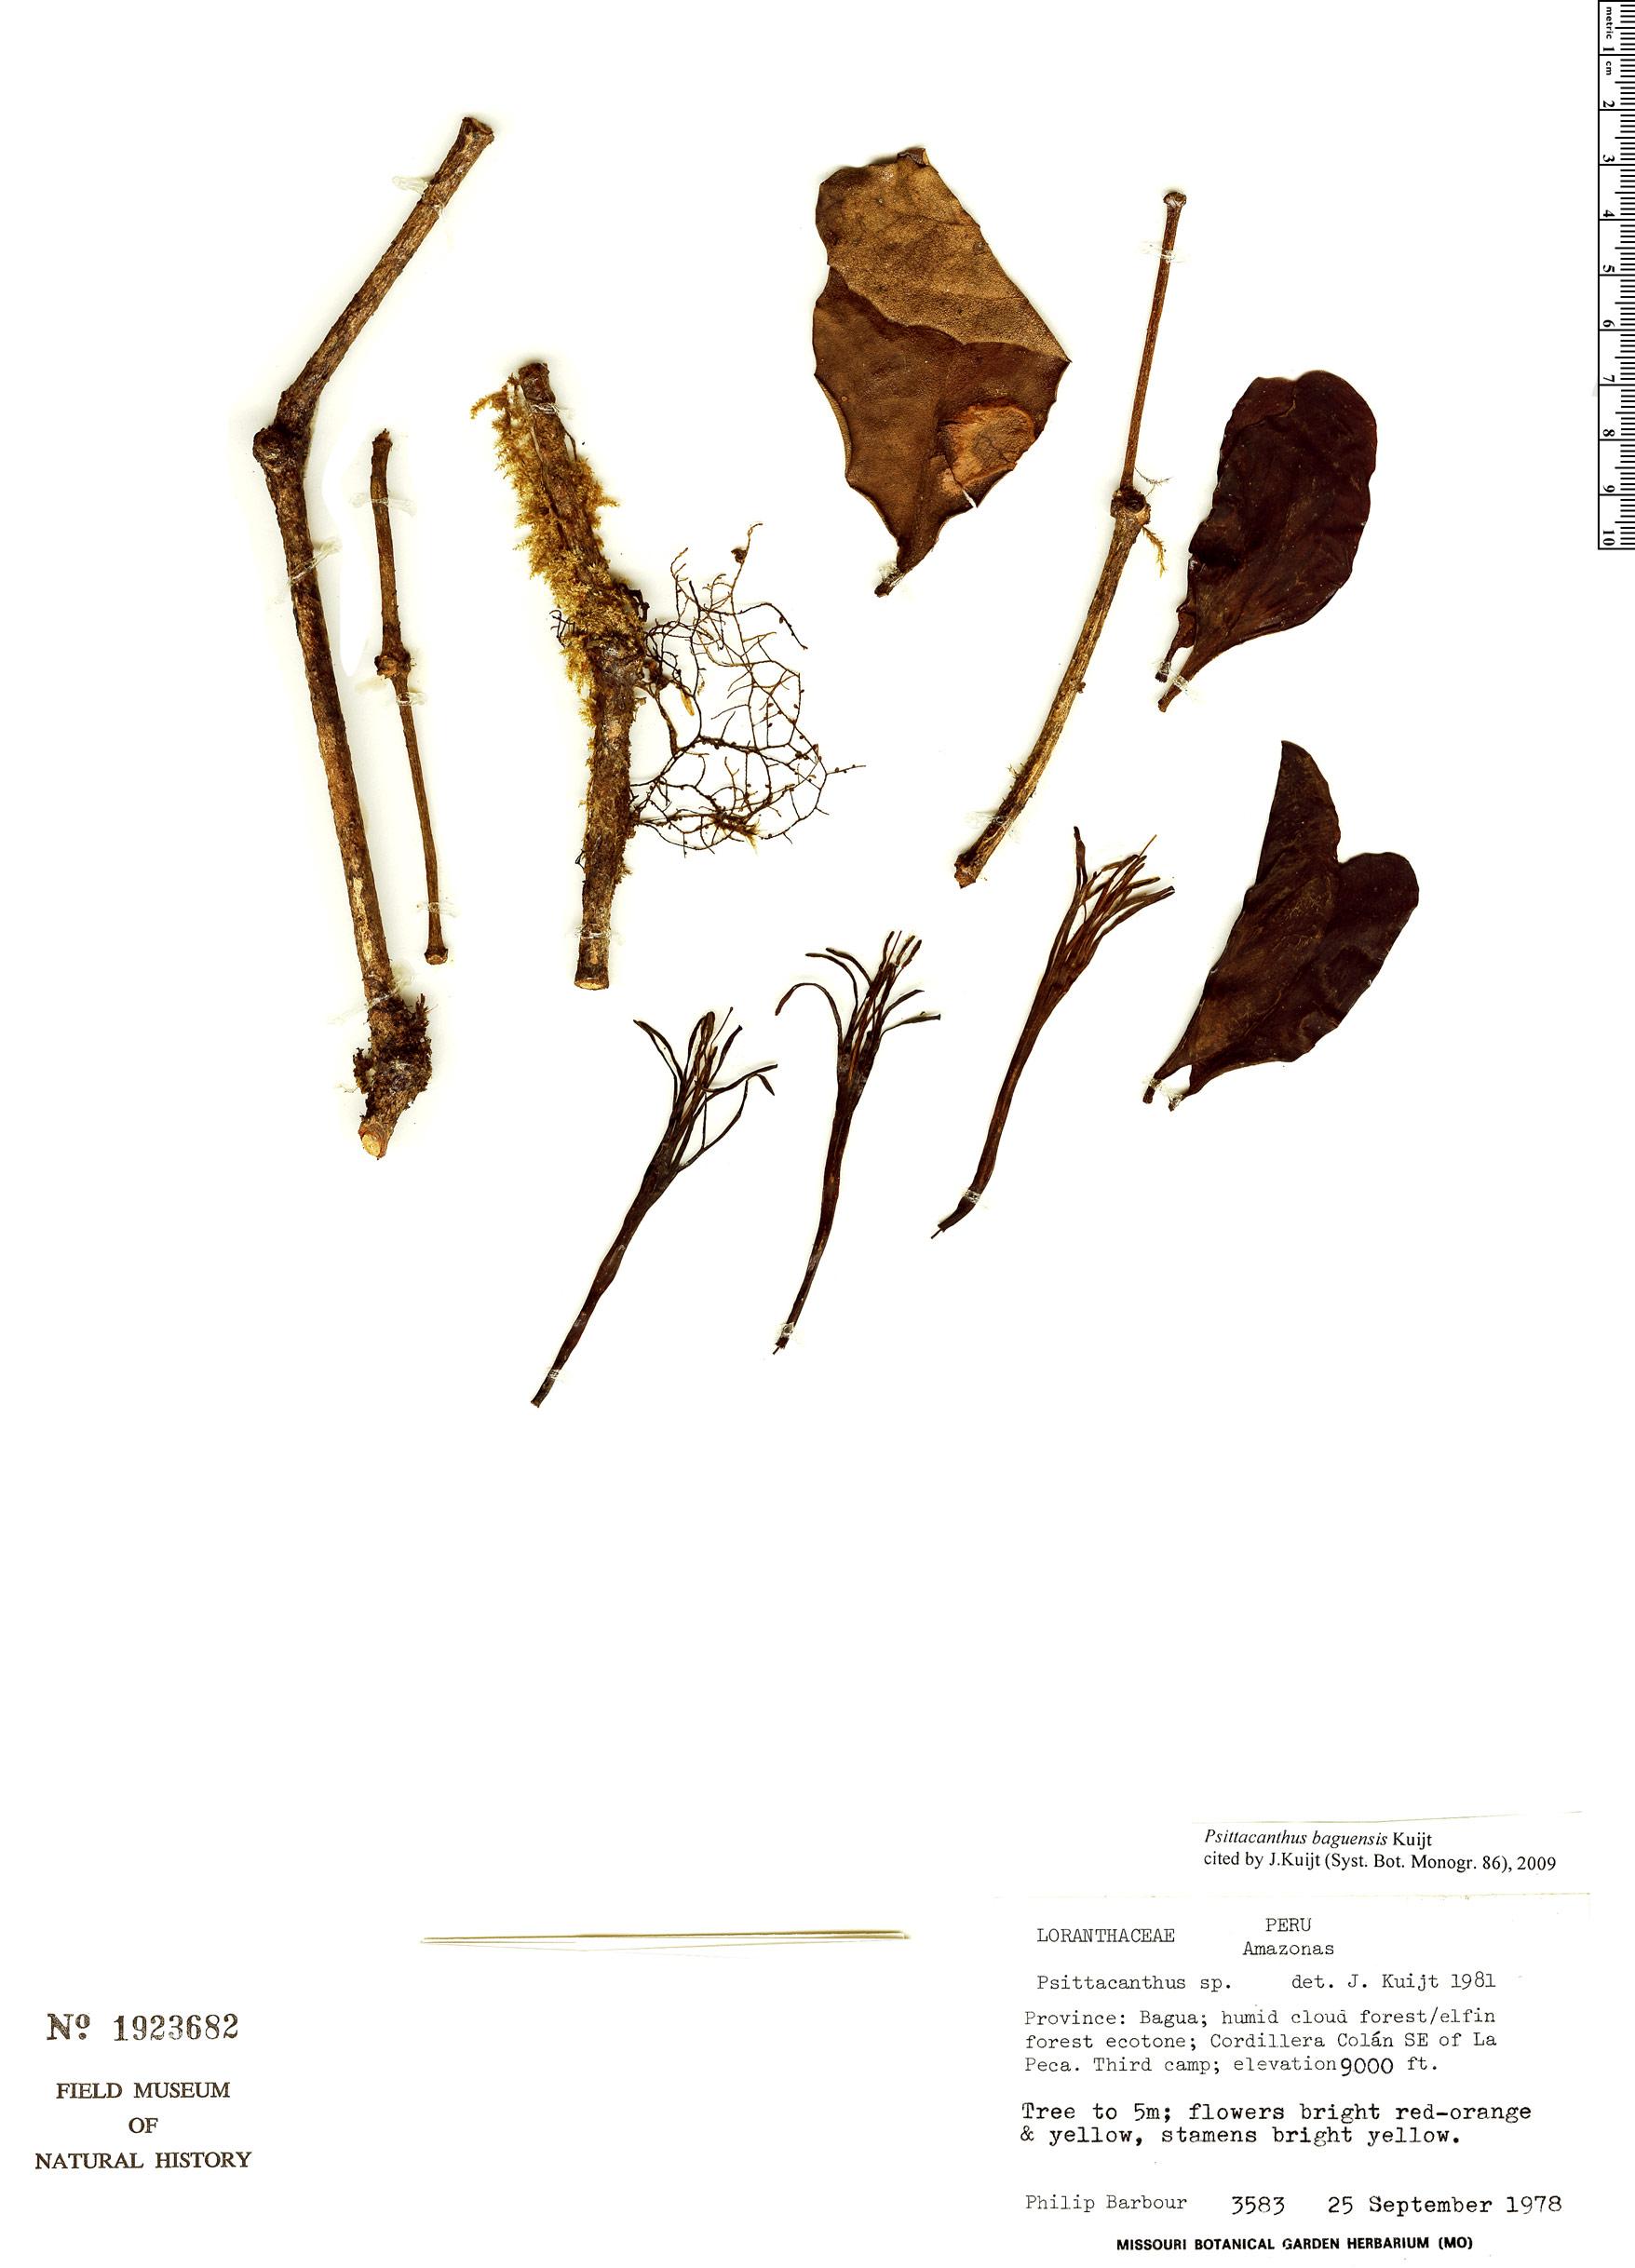 Specimen: Psittacanthus baguensis